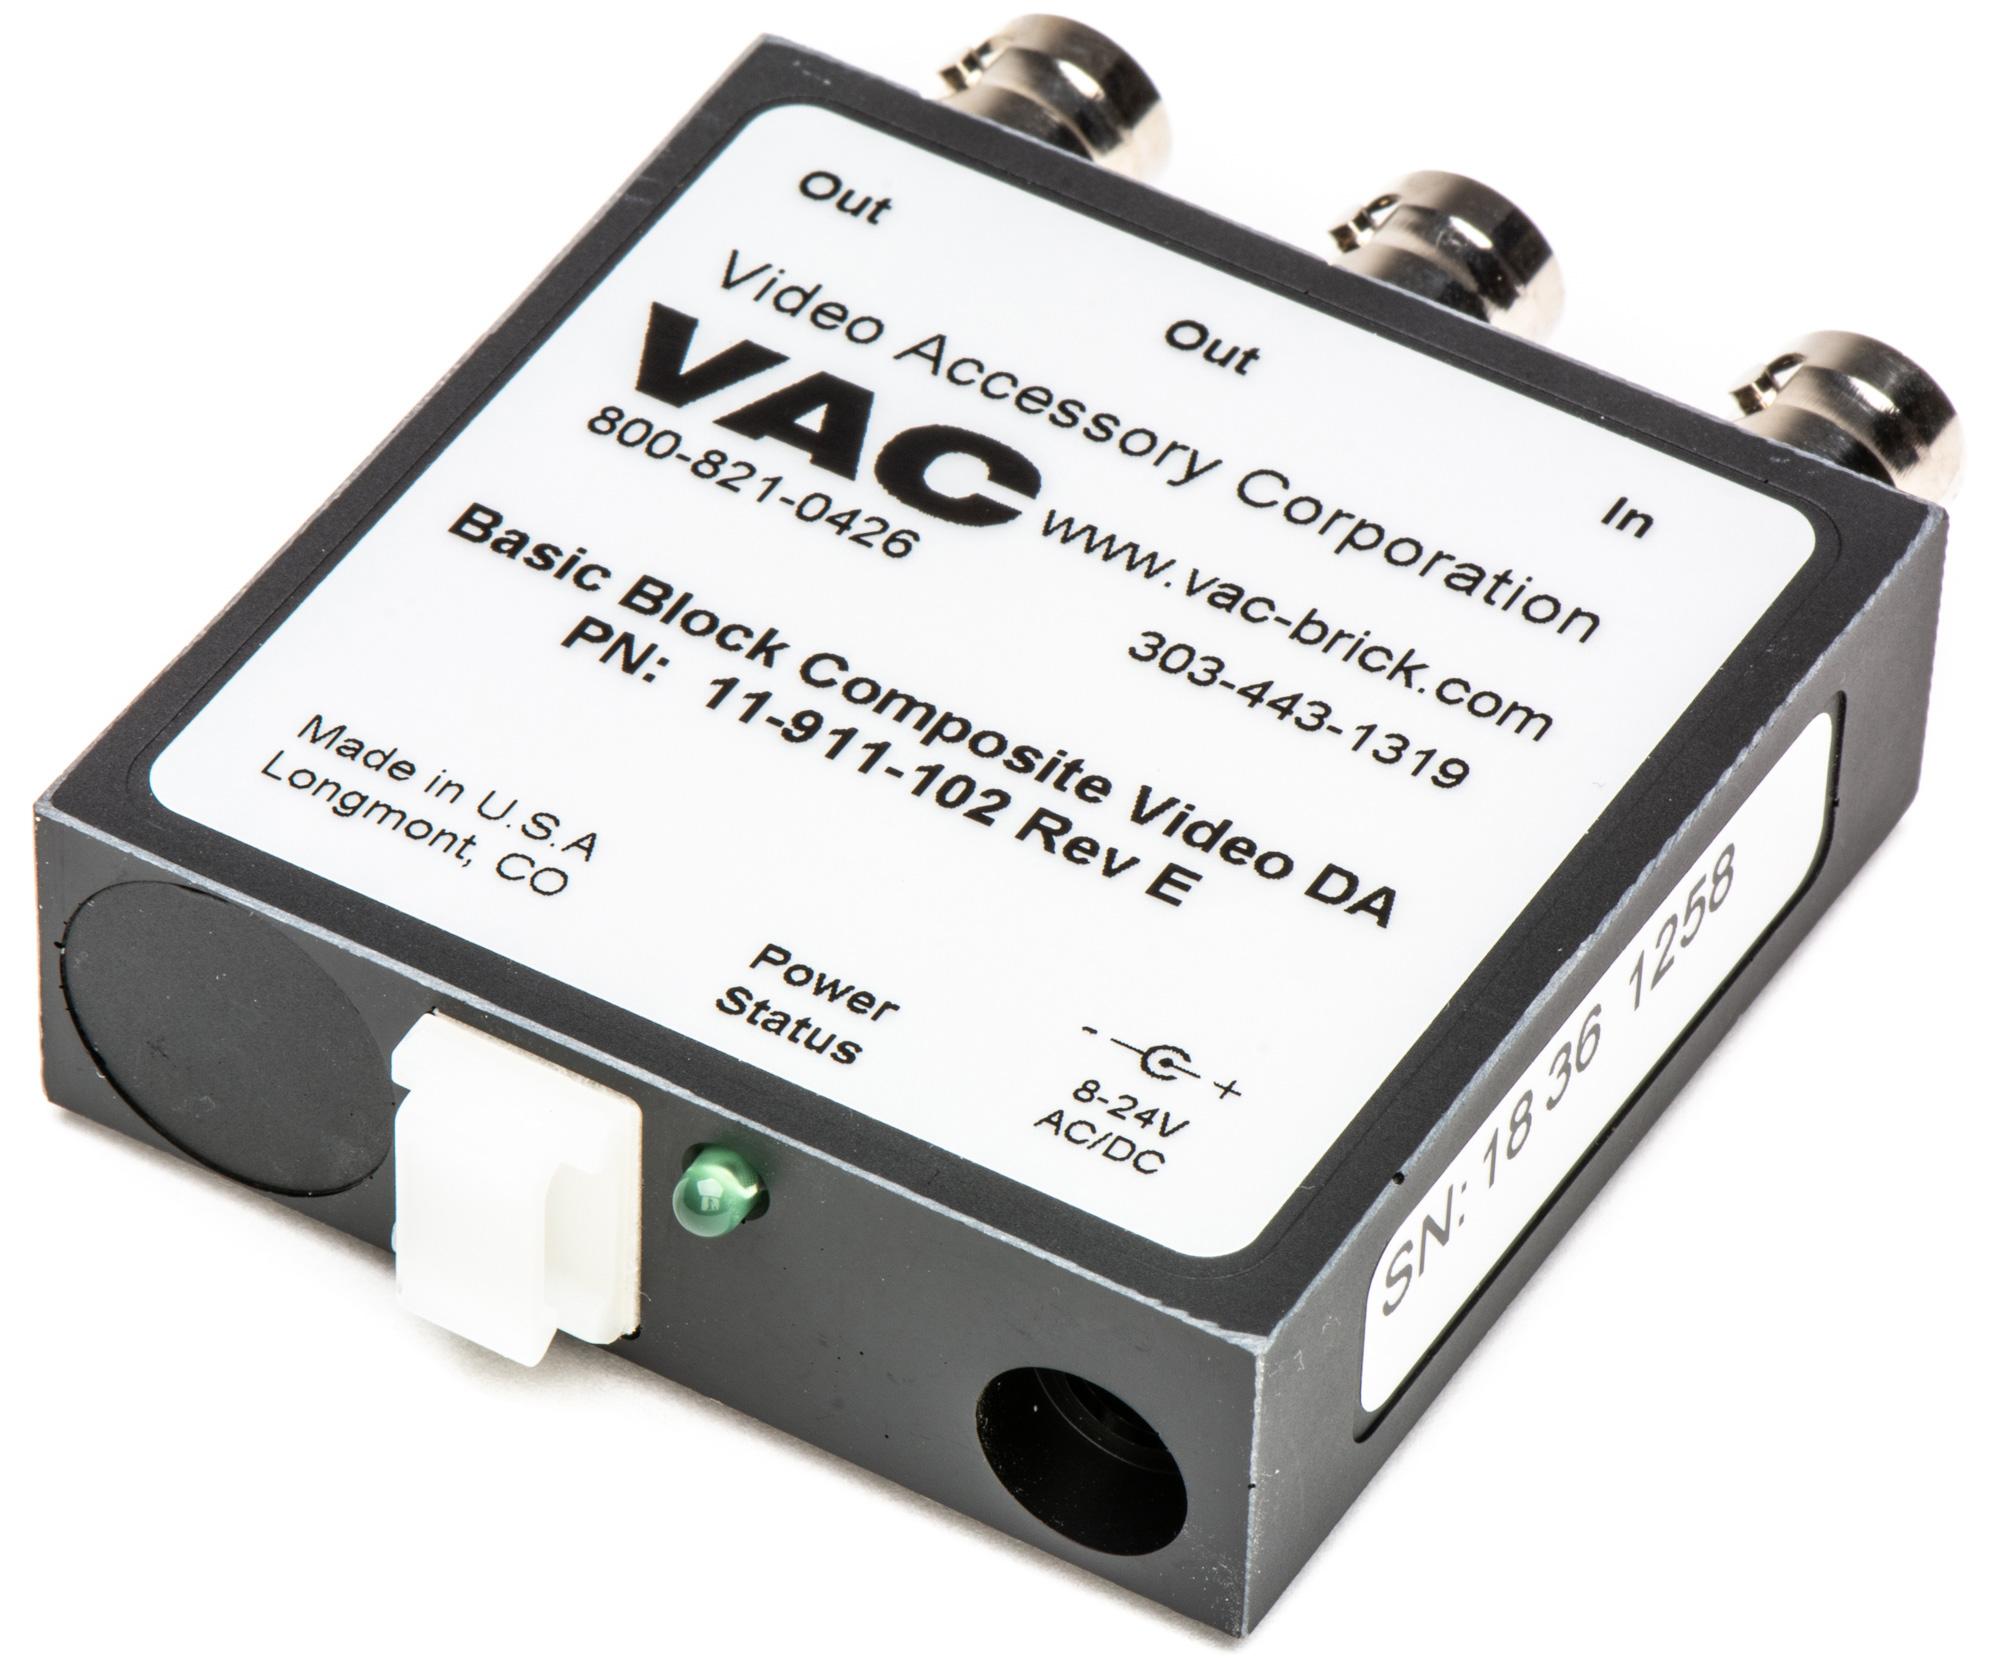 VAC 11-911-102 1x2 Composit Video DA 11-911-102